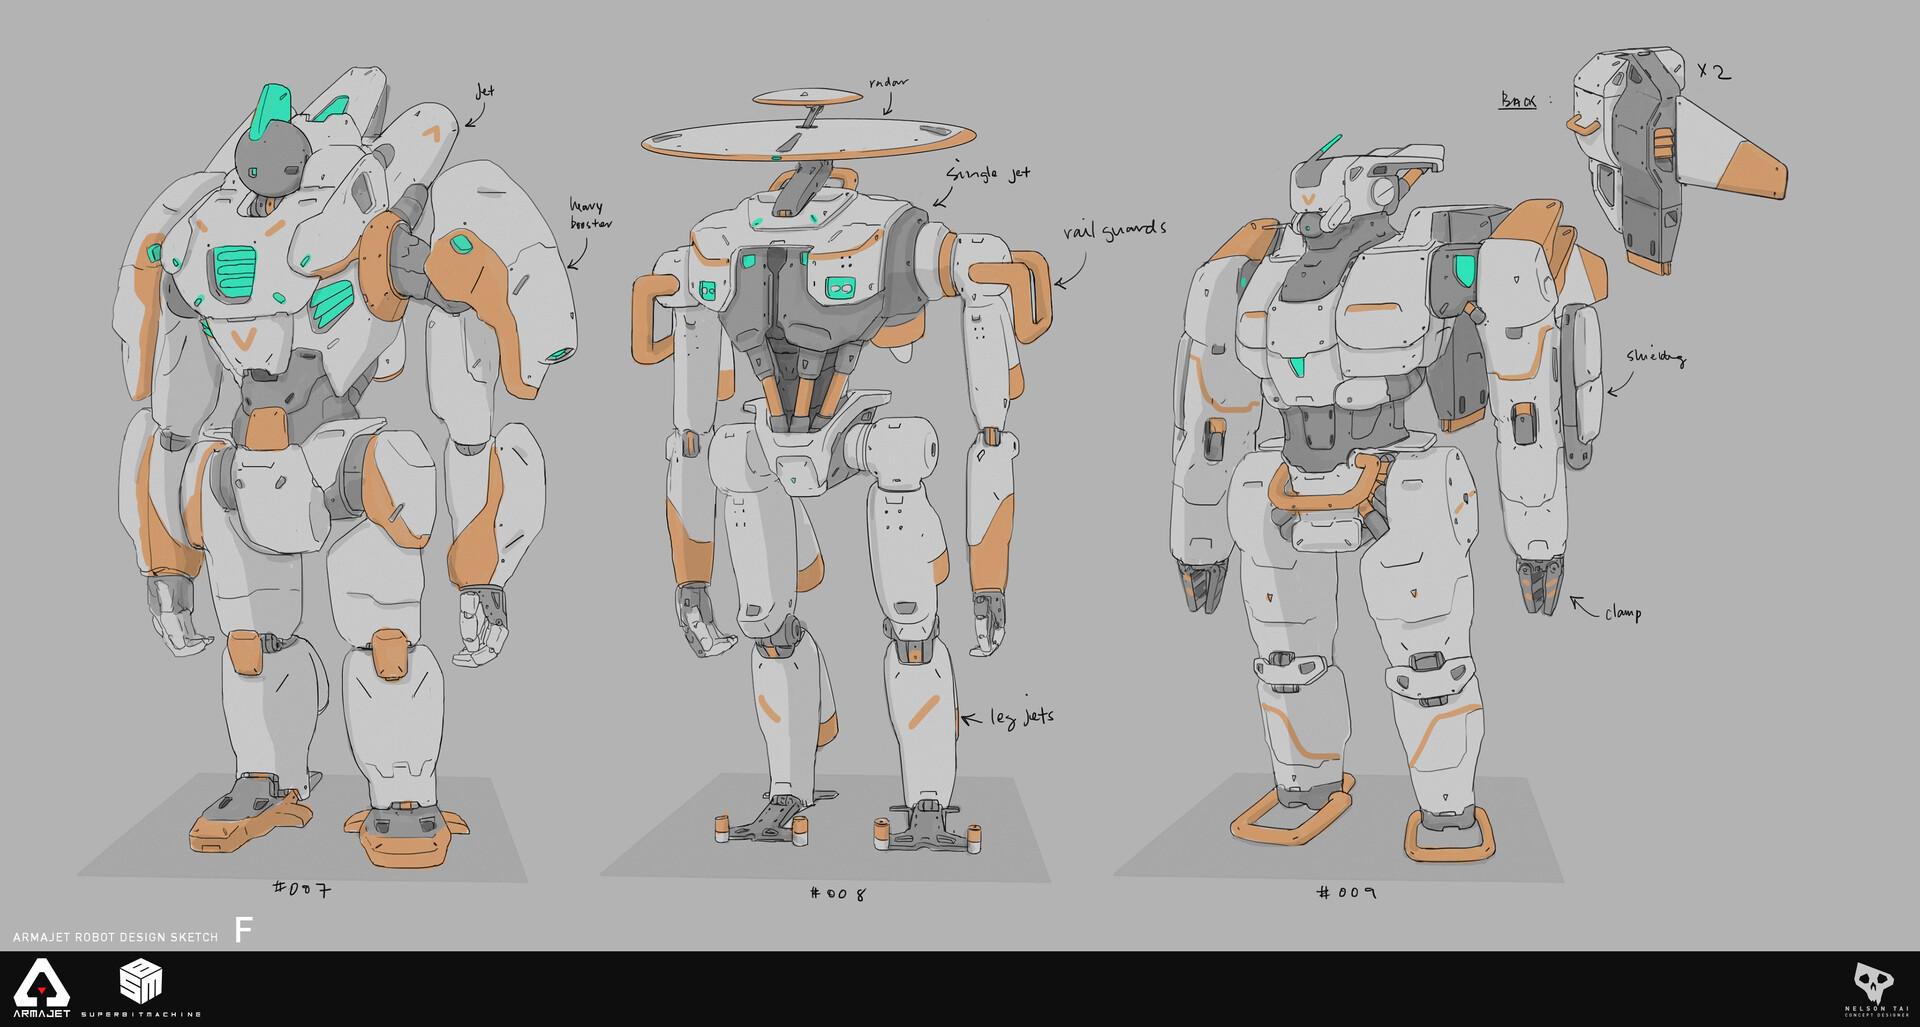 Robo need mohawks too!